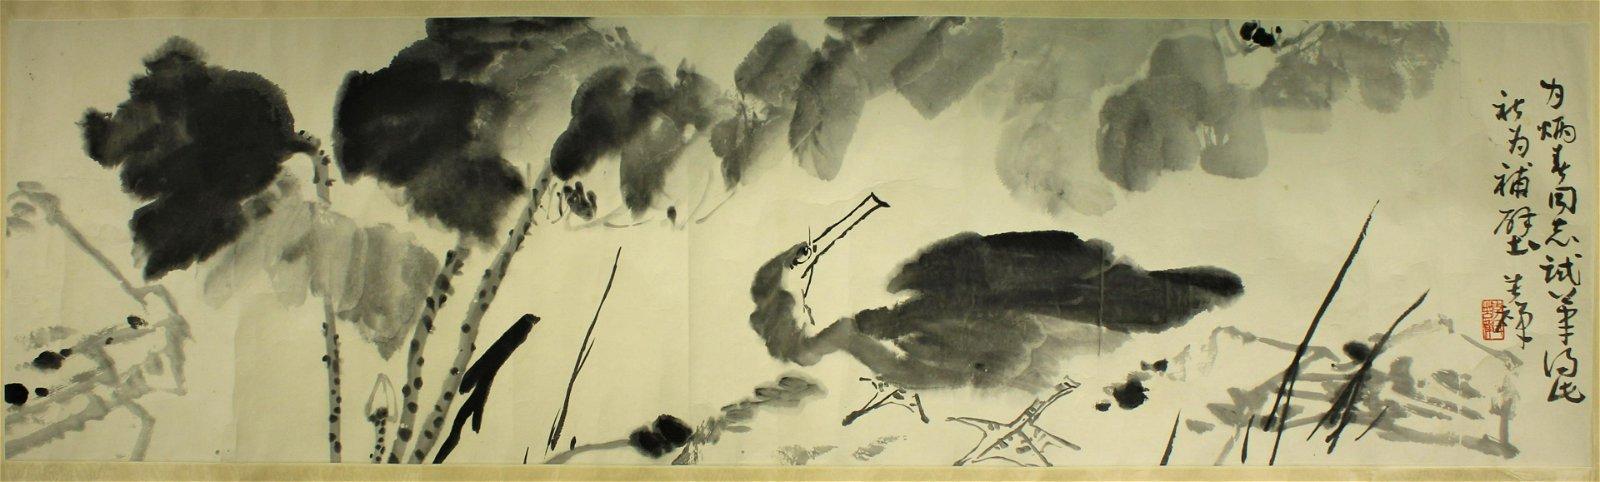 Likuchan Chinese Painting